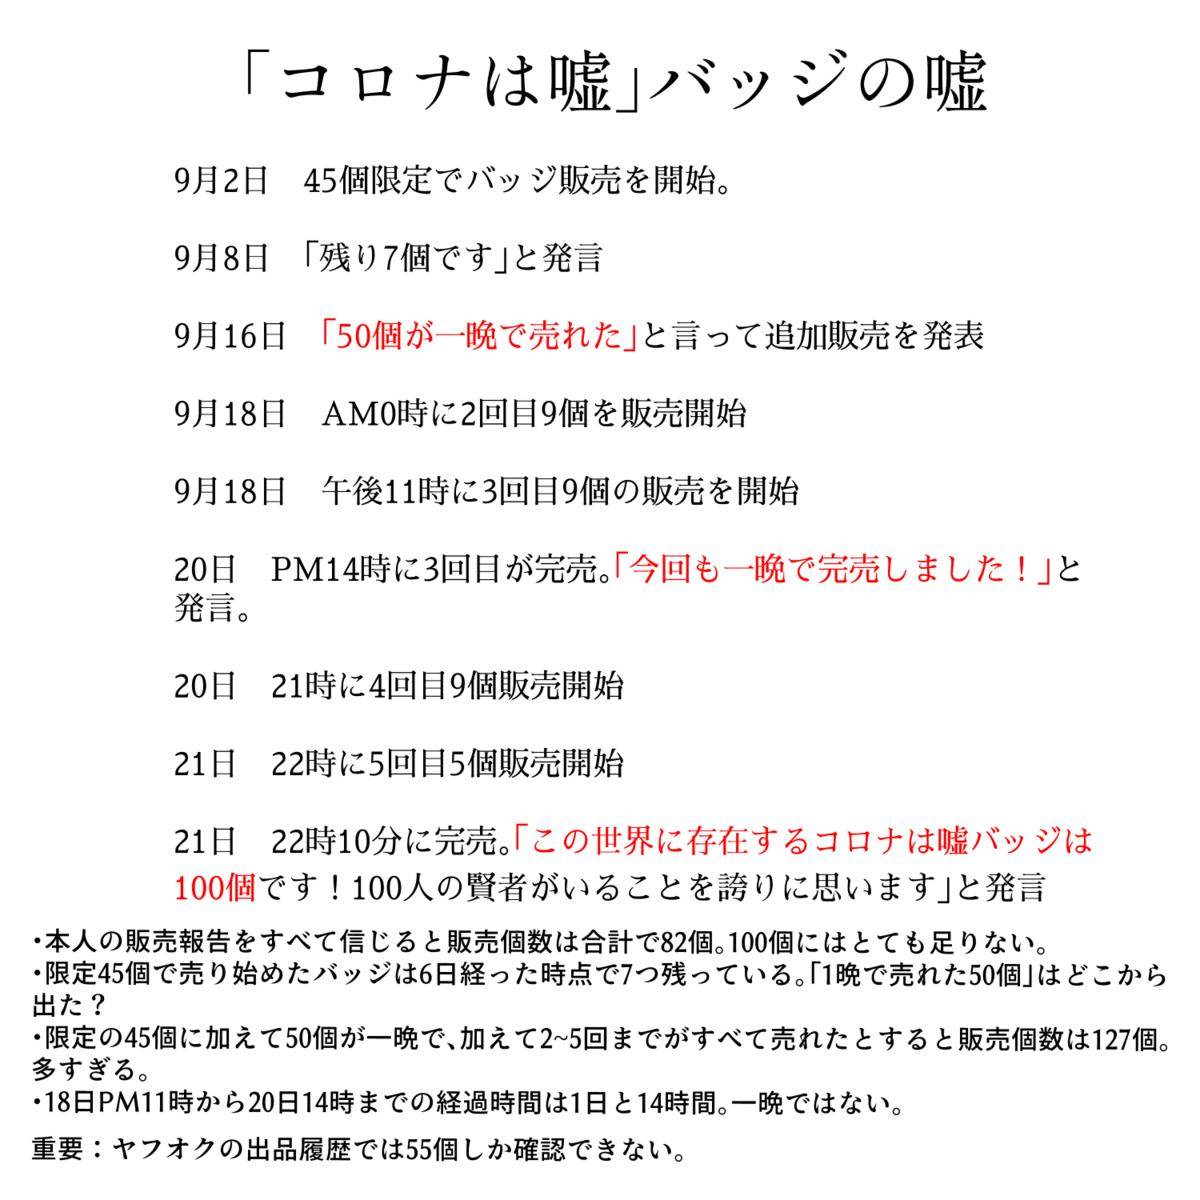 f:id:MagurotsuKajiki:20201014162942p:plain